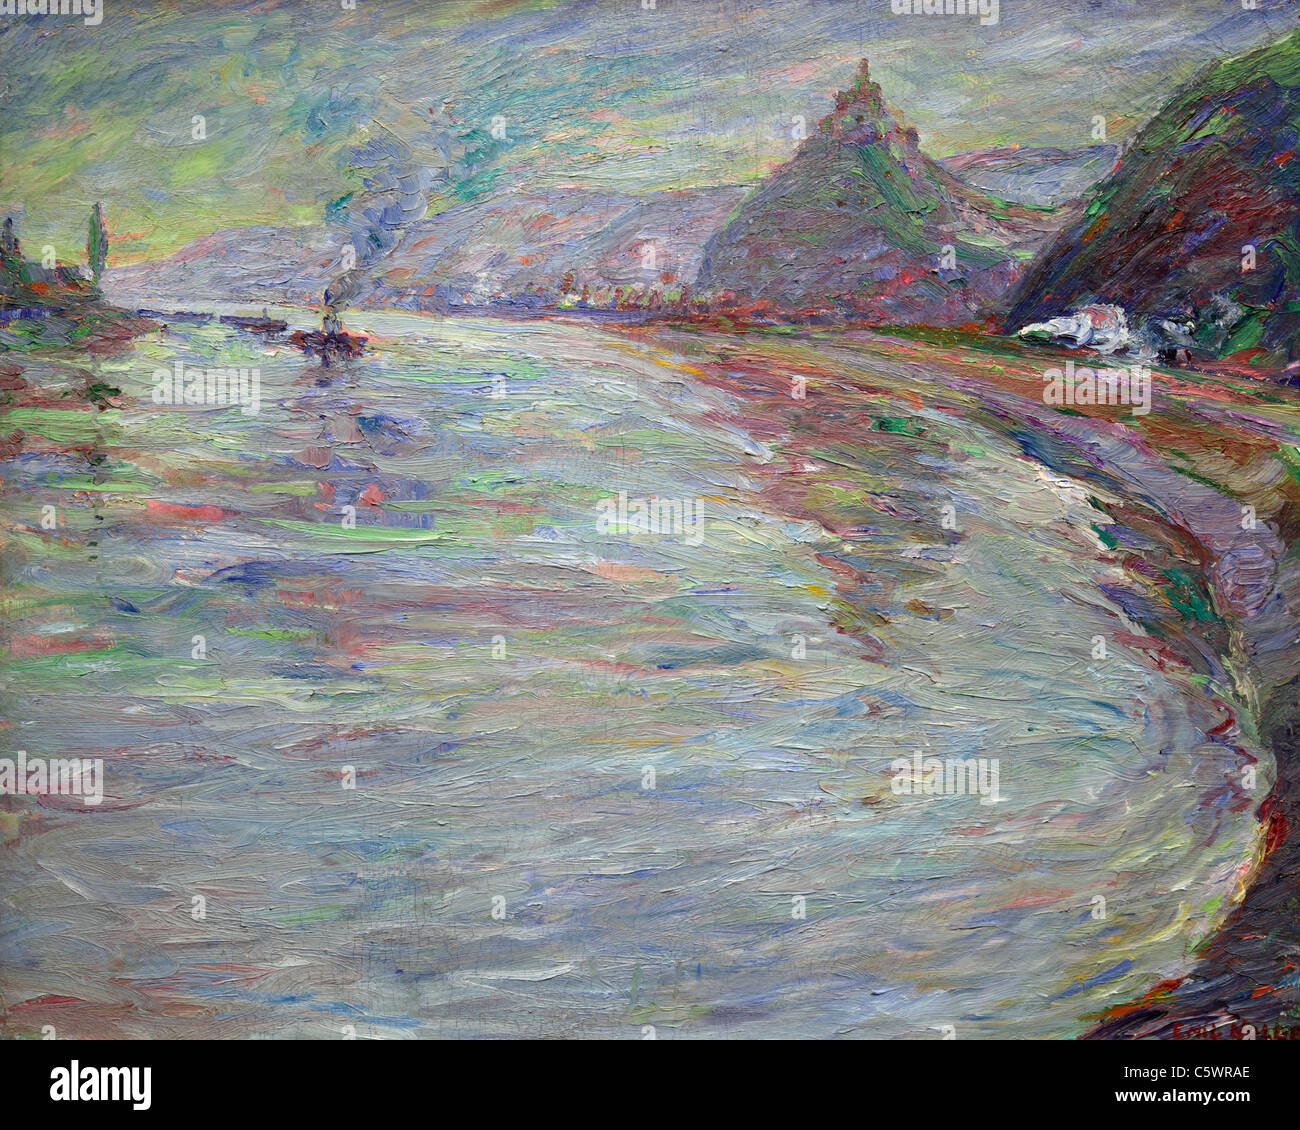 OElgemaelde der Kunstausstellung Im Mittelrhein-Museum Koblenz, Rheinland-Pfalz, bin Rhein von Emil Nolde Stockbild